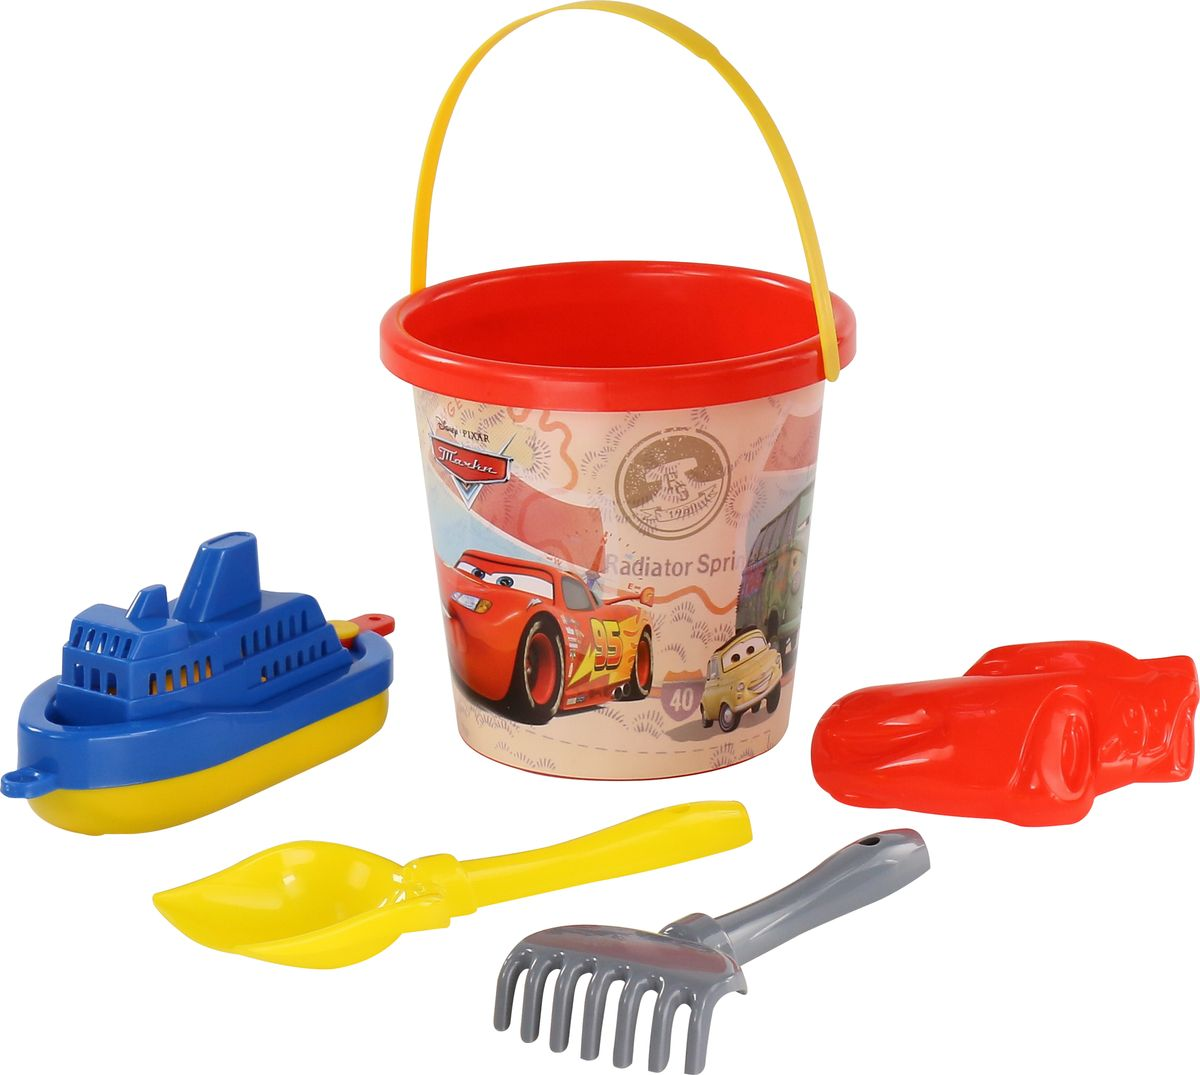 Disney / Pixar Набор игрушек для песочницы Тачки №18 disney pixar набор игрушек для песочницы тачки 18